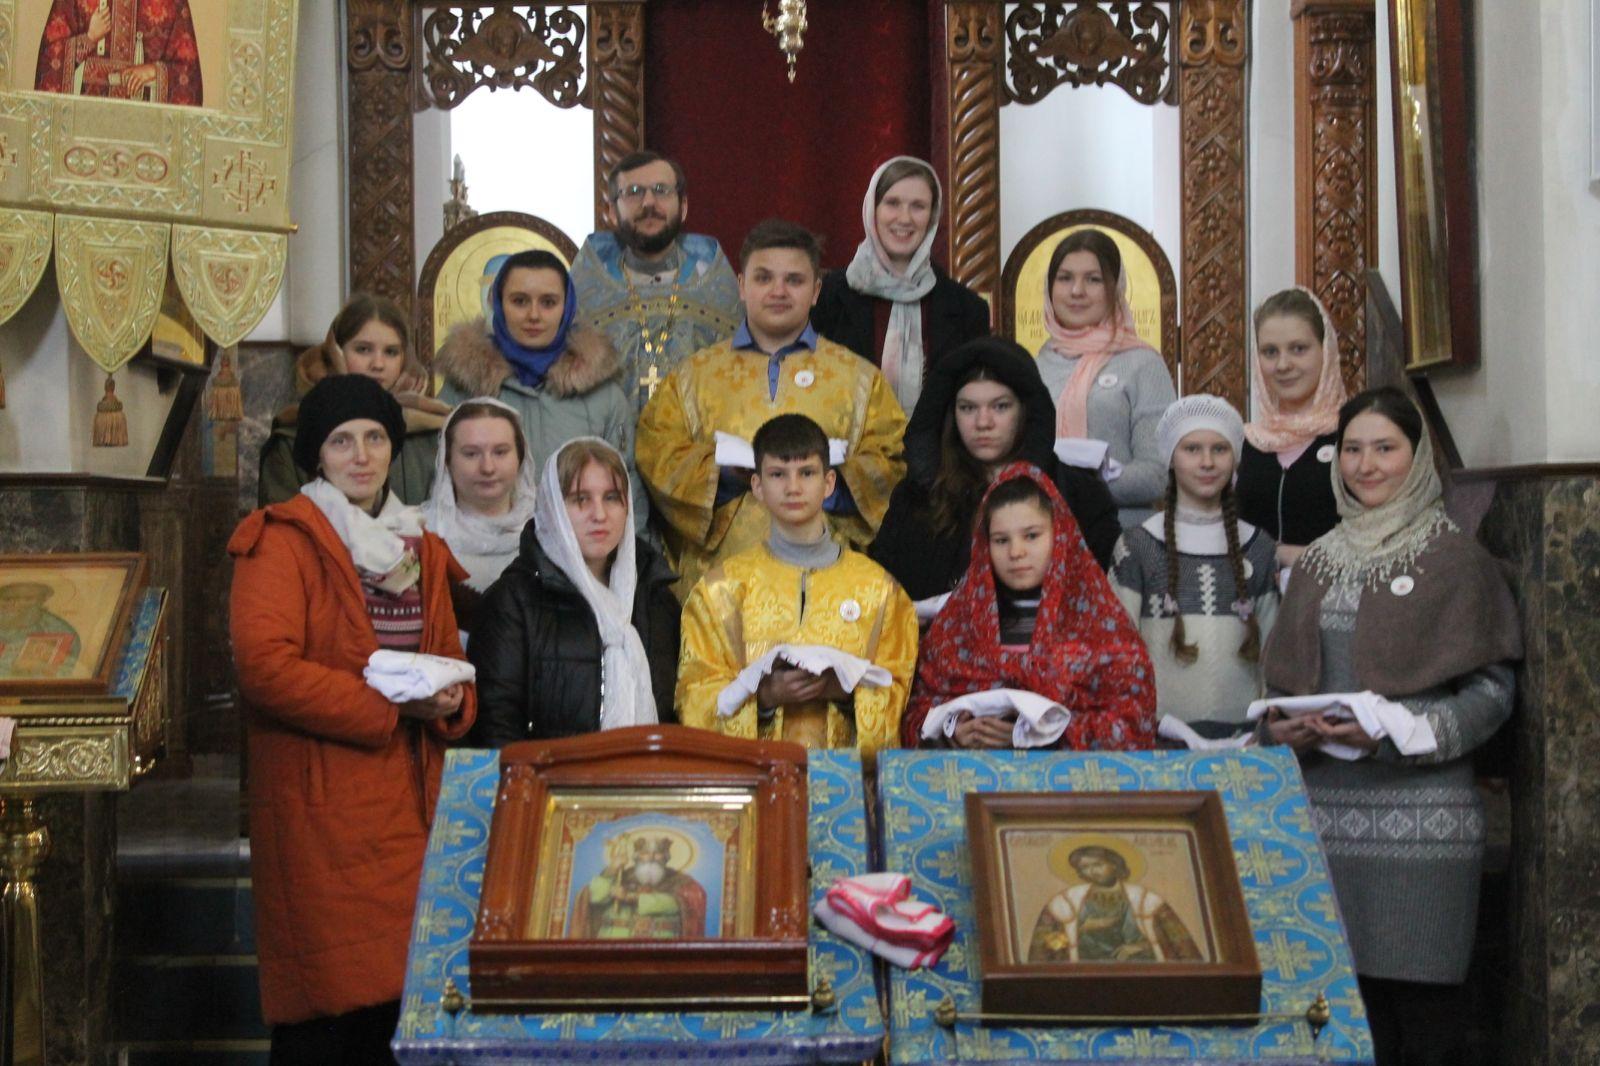 Посвящение в братчики состоялось в кафедральном соборе Воскресения Христова г. Борисова